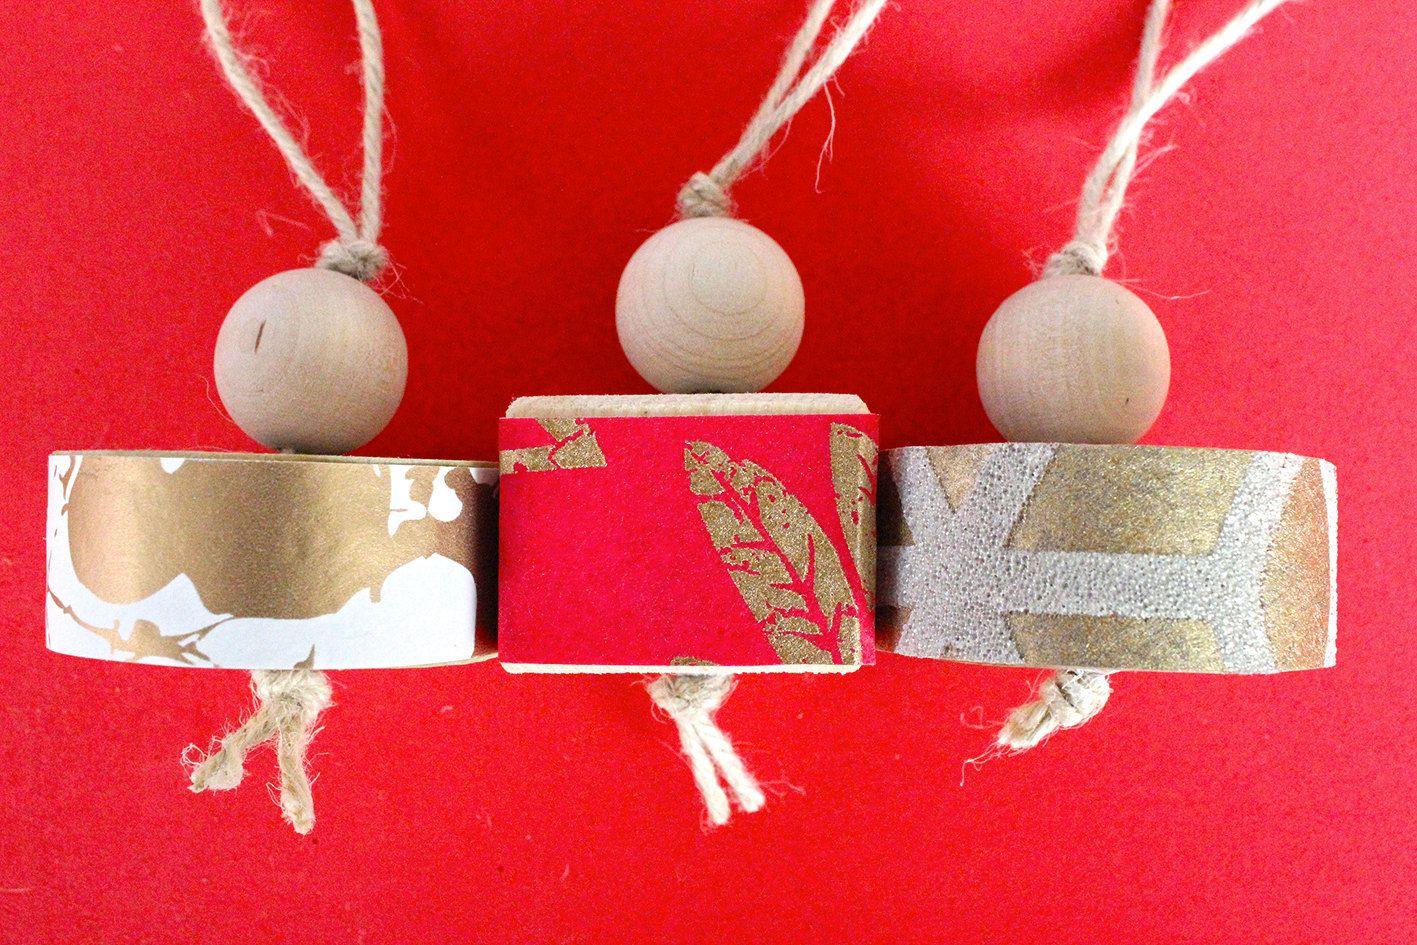 Tre decorazioni natalizie in legno e carta da parati con